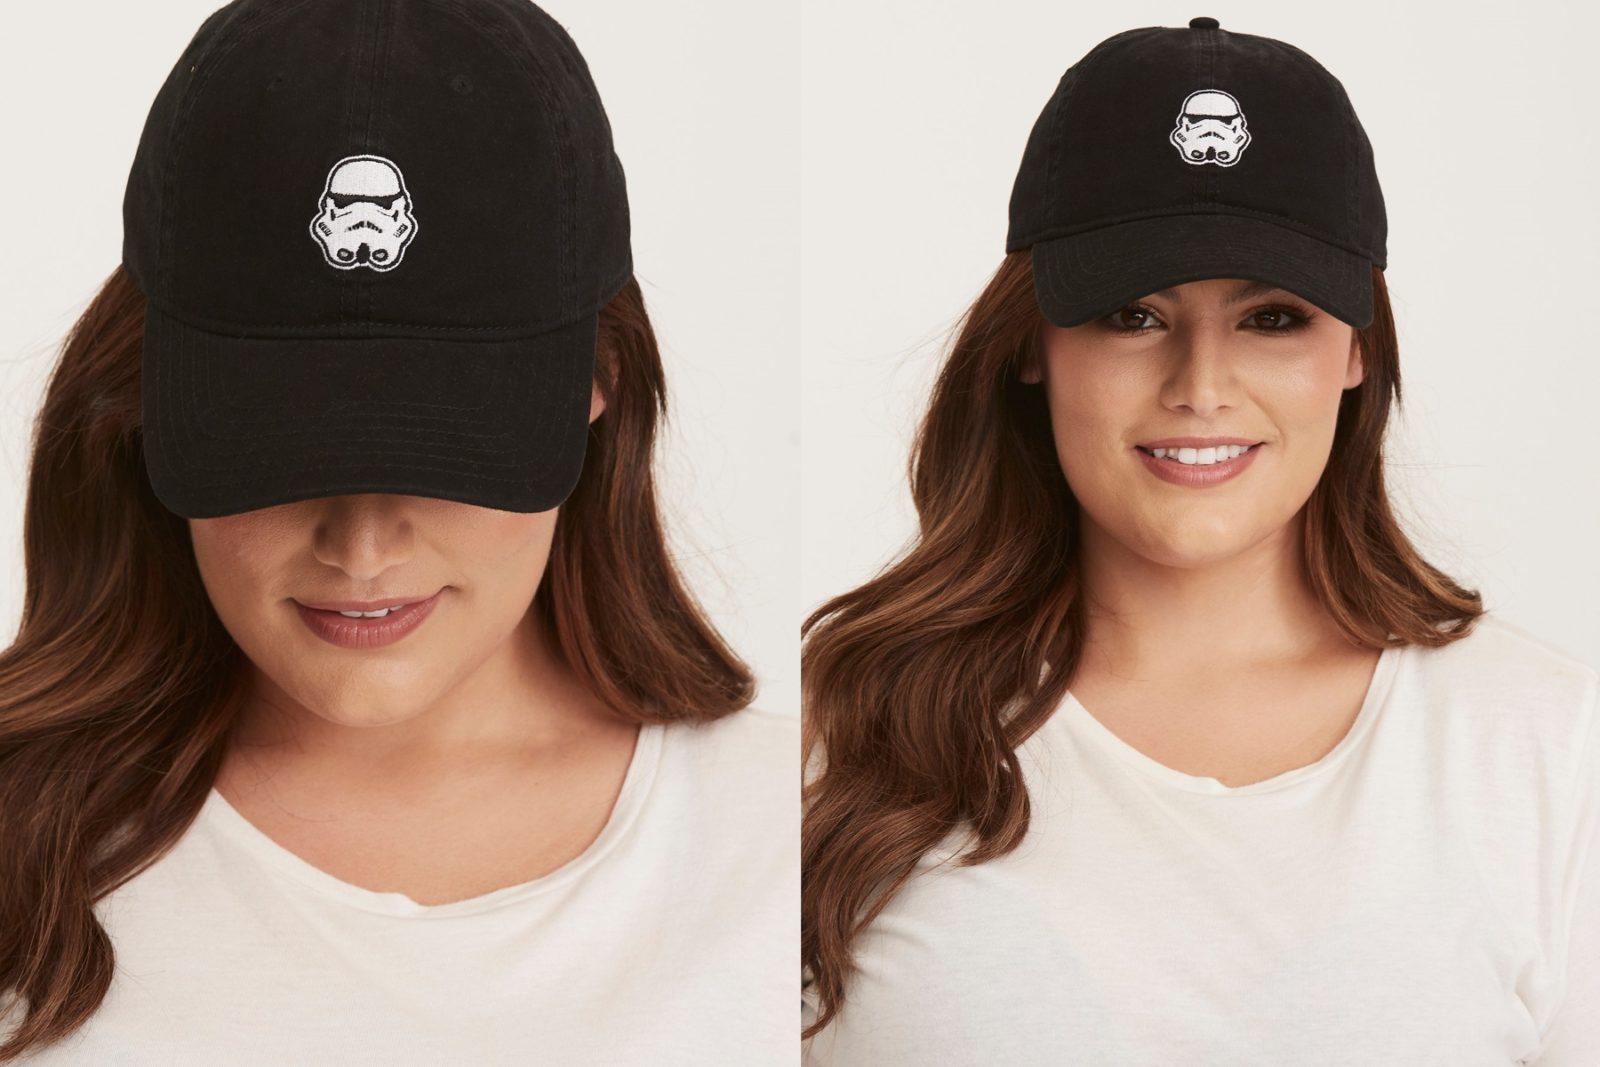 Women's Stormtrooper Baseball Cap at Torrid